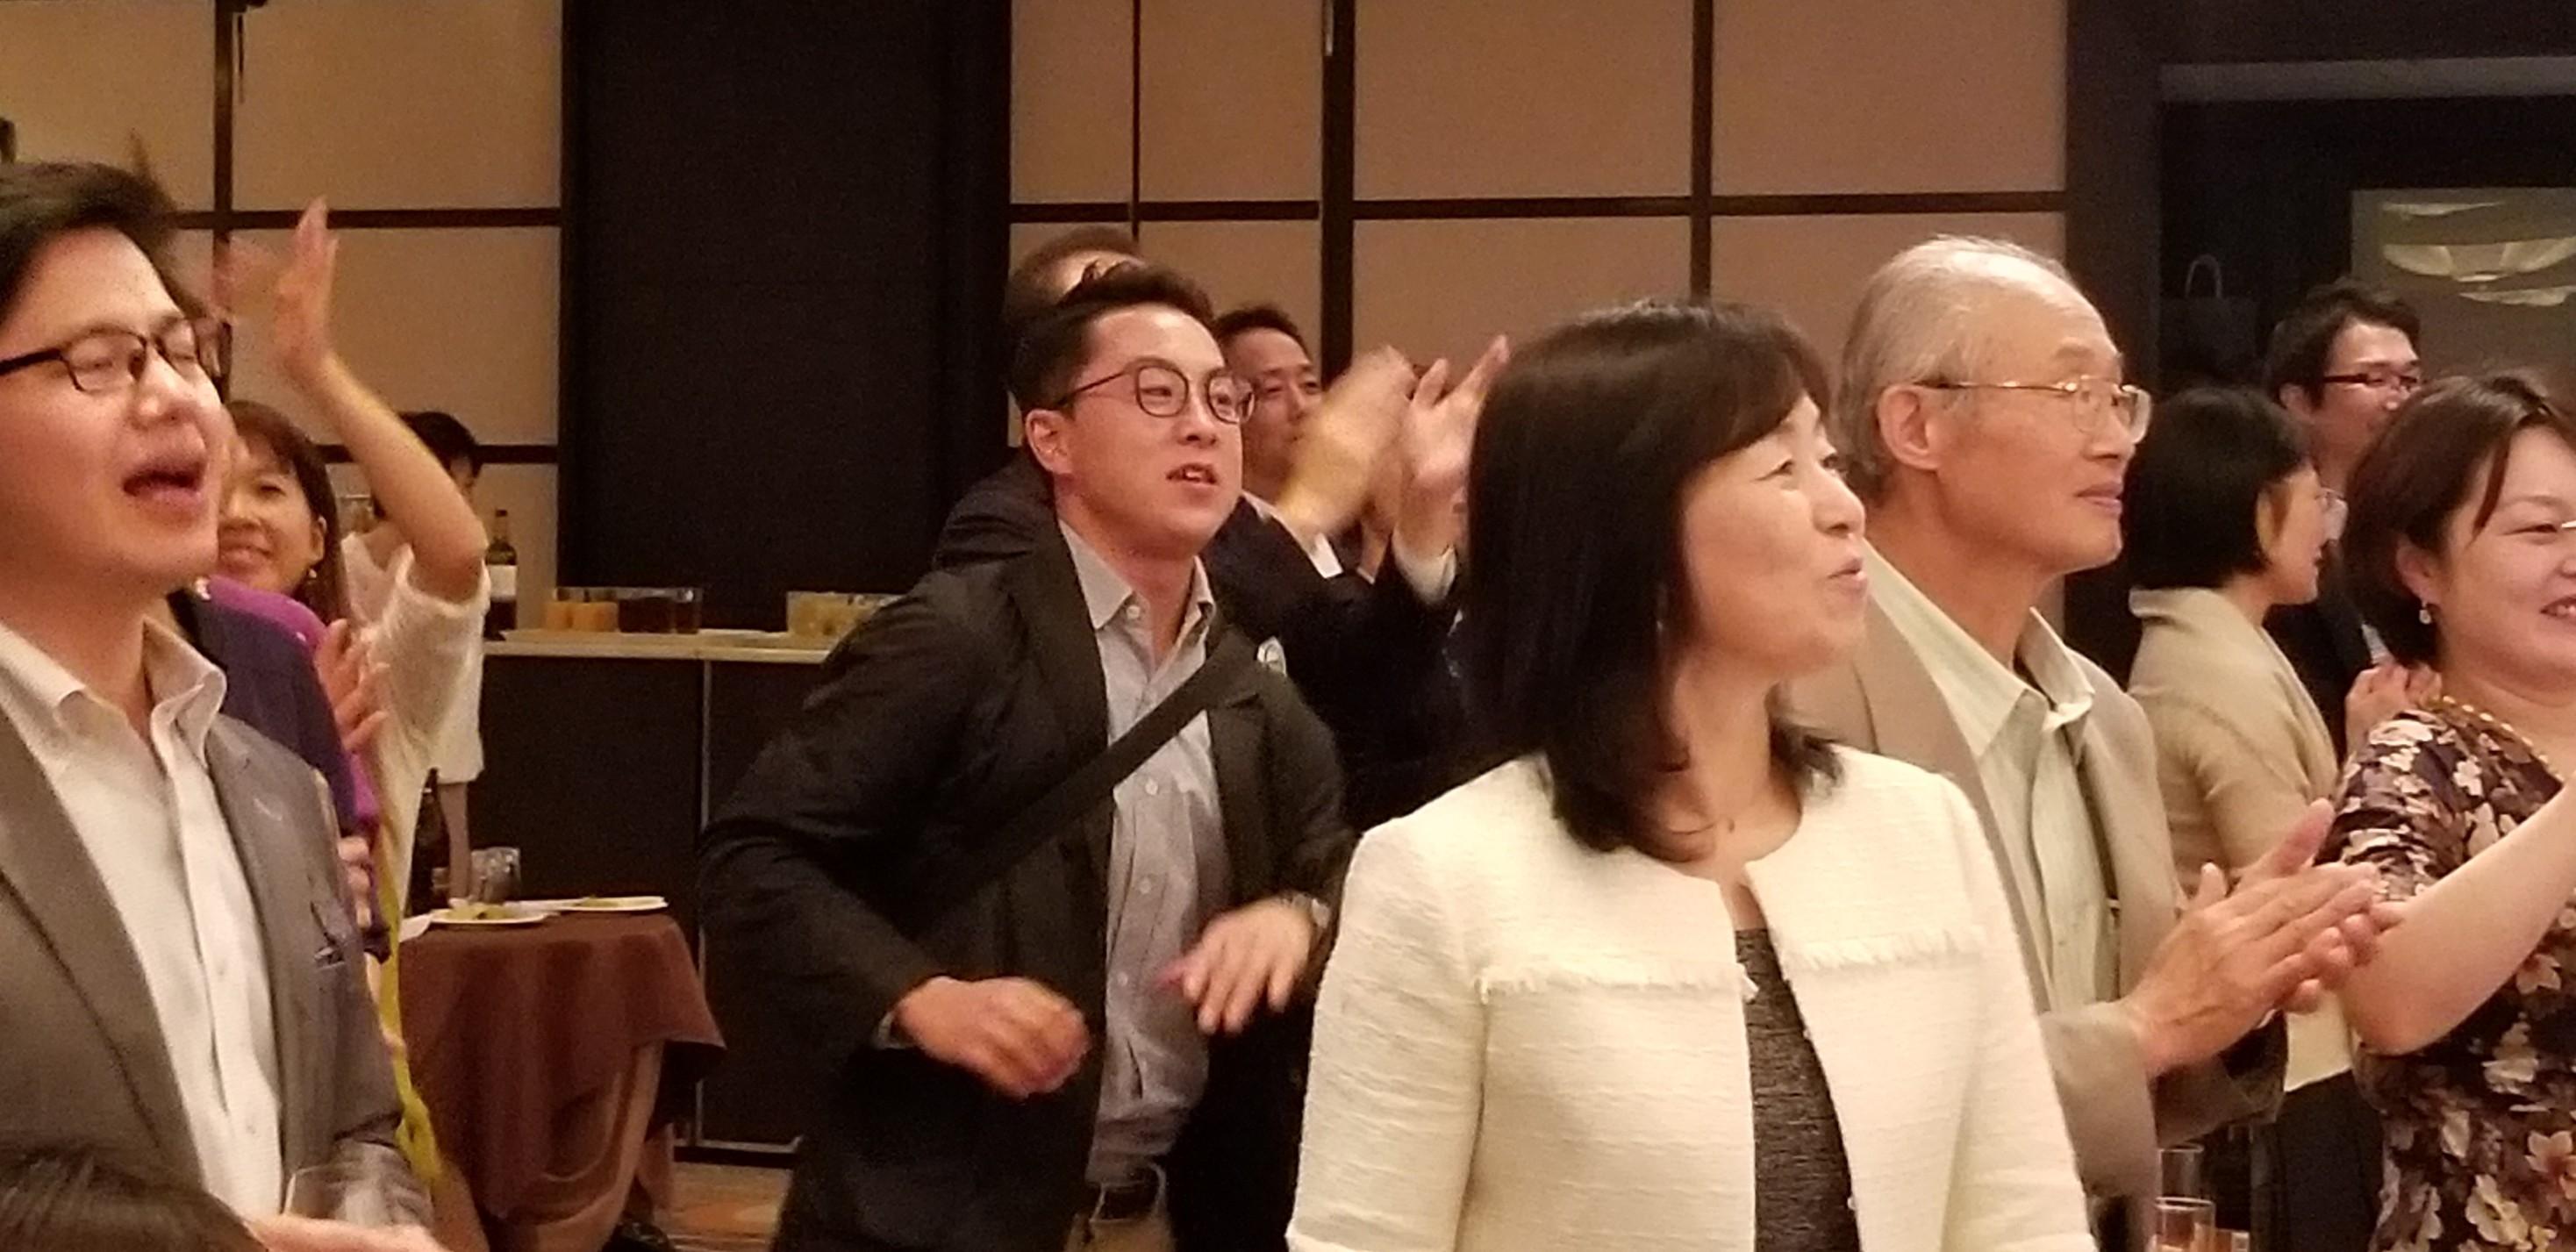 2376bf2810da113ecc89595adf8db9b2 - 第6回思風会全国大会2018in東京開催